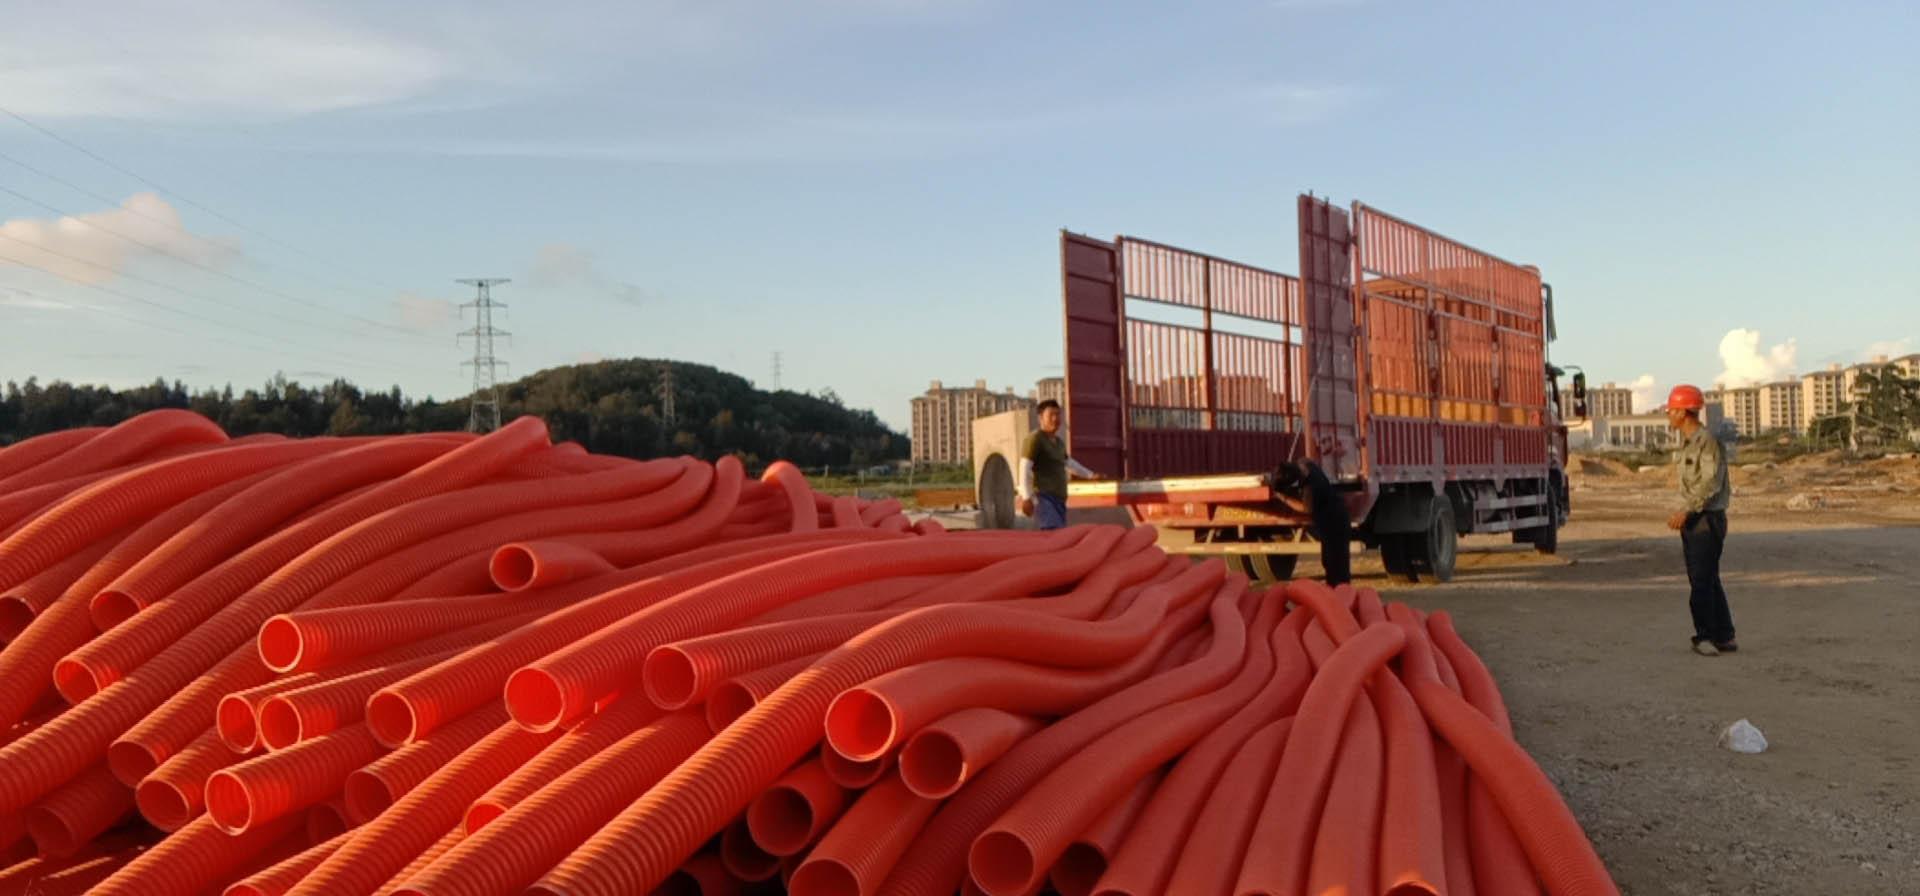 """福建融通管业有限公司生产的""""榕通""""牌HFB电力电缆护套管应用于长乐项目之中"""